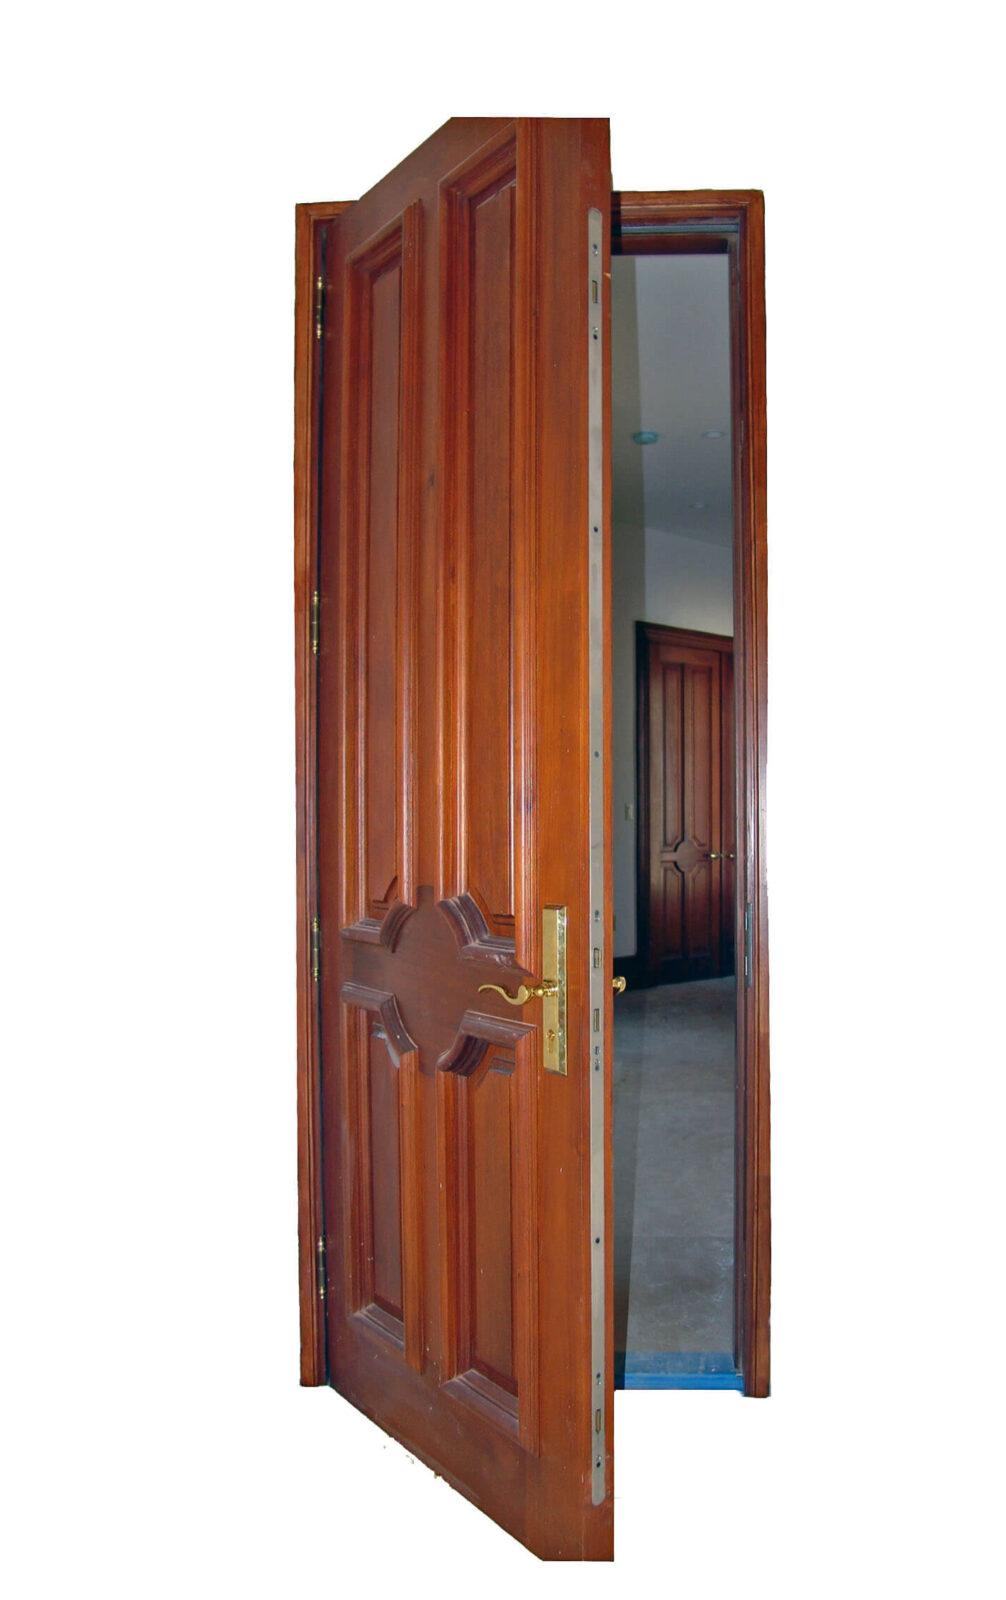 SWEETWATER MAHOGANY DOOR DETAIL.